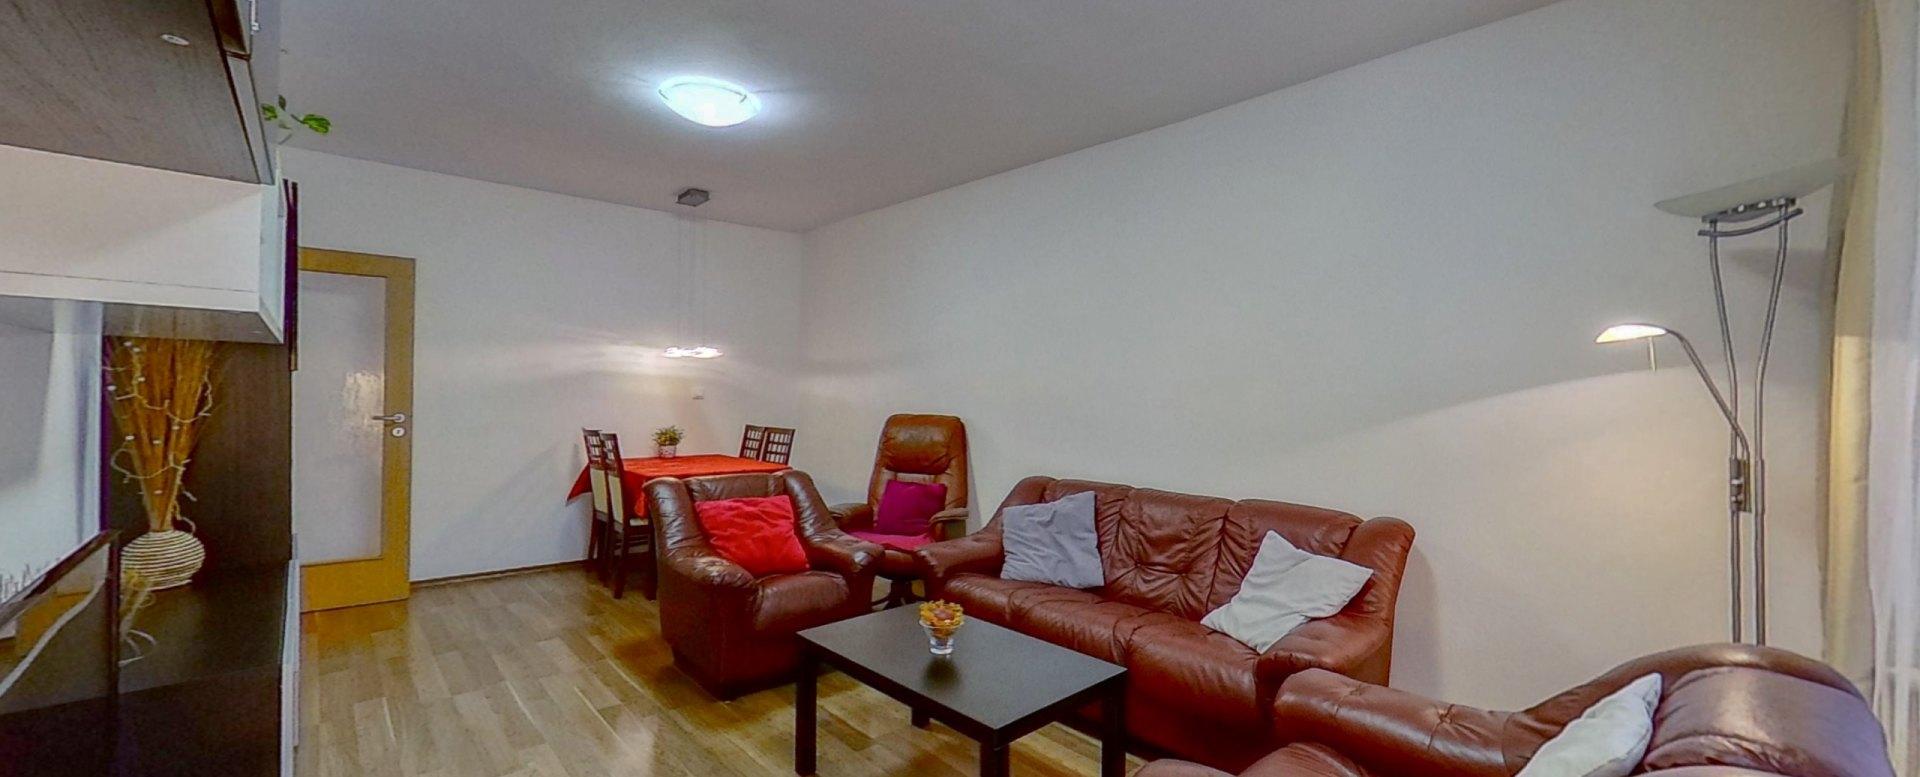 Pohľad na sedaciu súpravu s konferenčným stolíkom v obývacej izbe